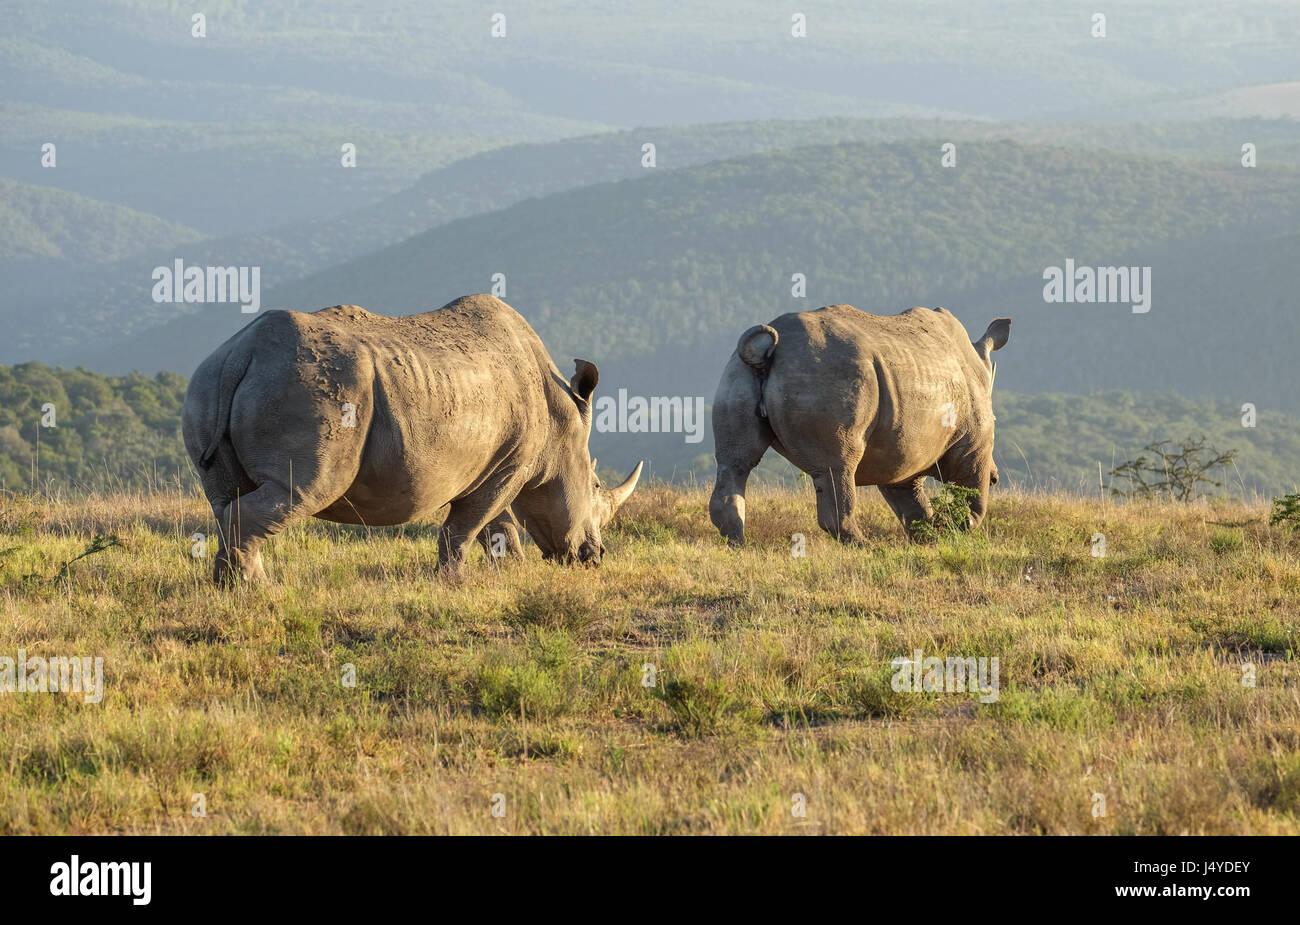 Due bianchi di rinoceronti camminate fuori nel sole nascente sulla savana africana o erba steppe, pacifica e beatamente Immagini Stock